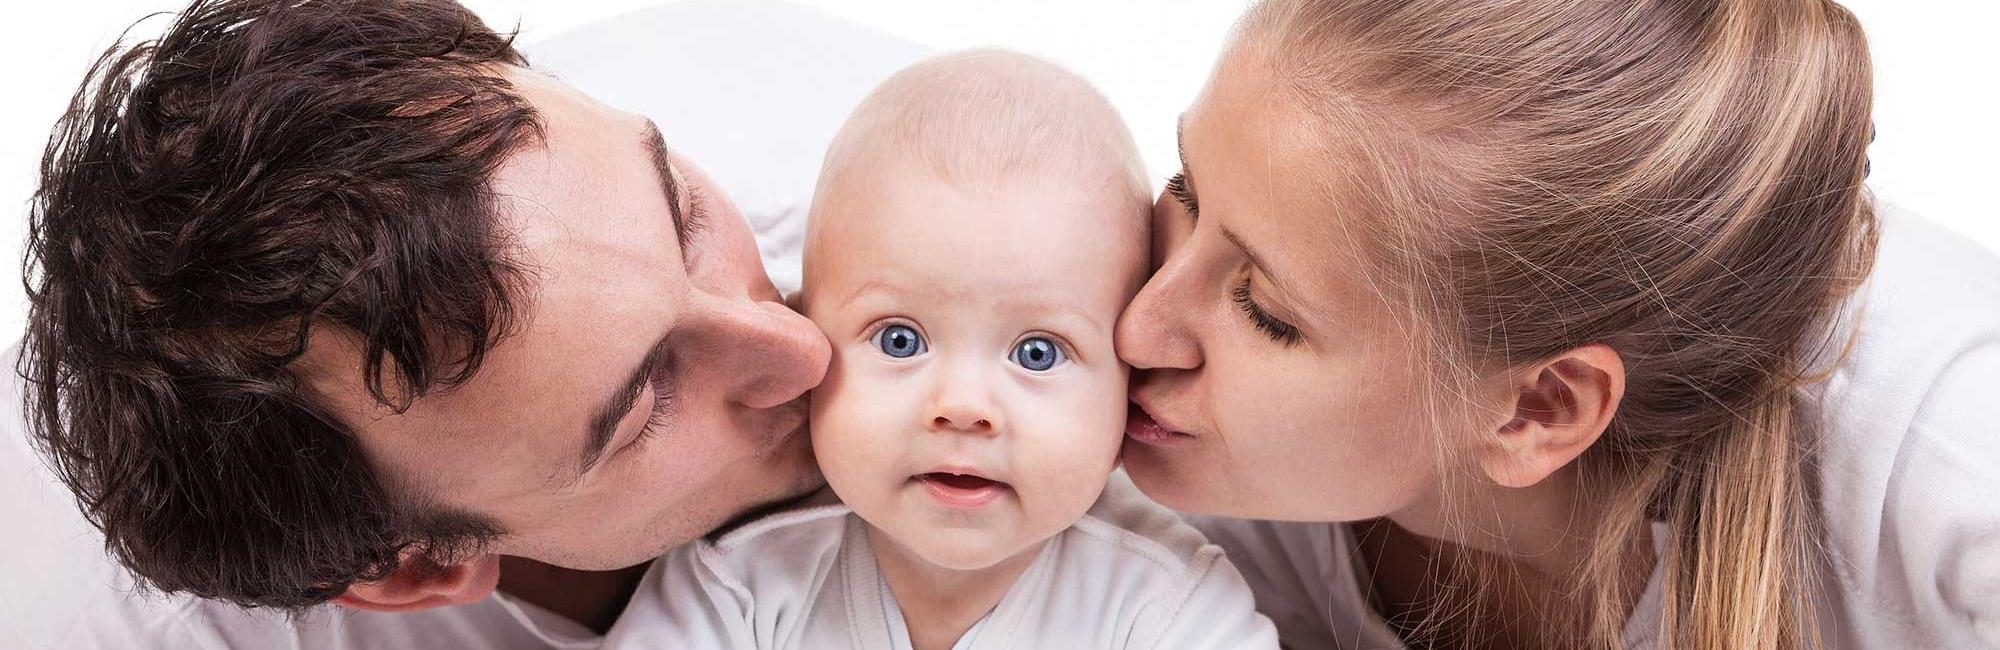 family-newborn